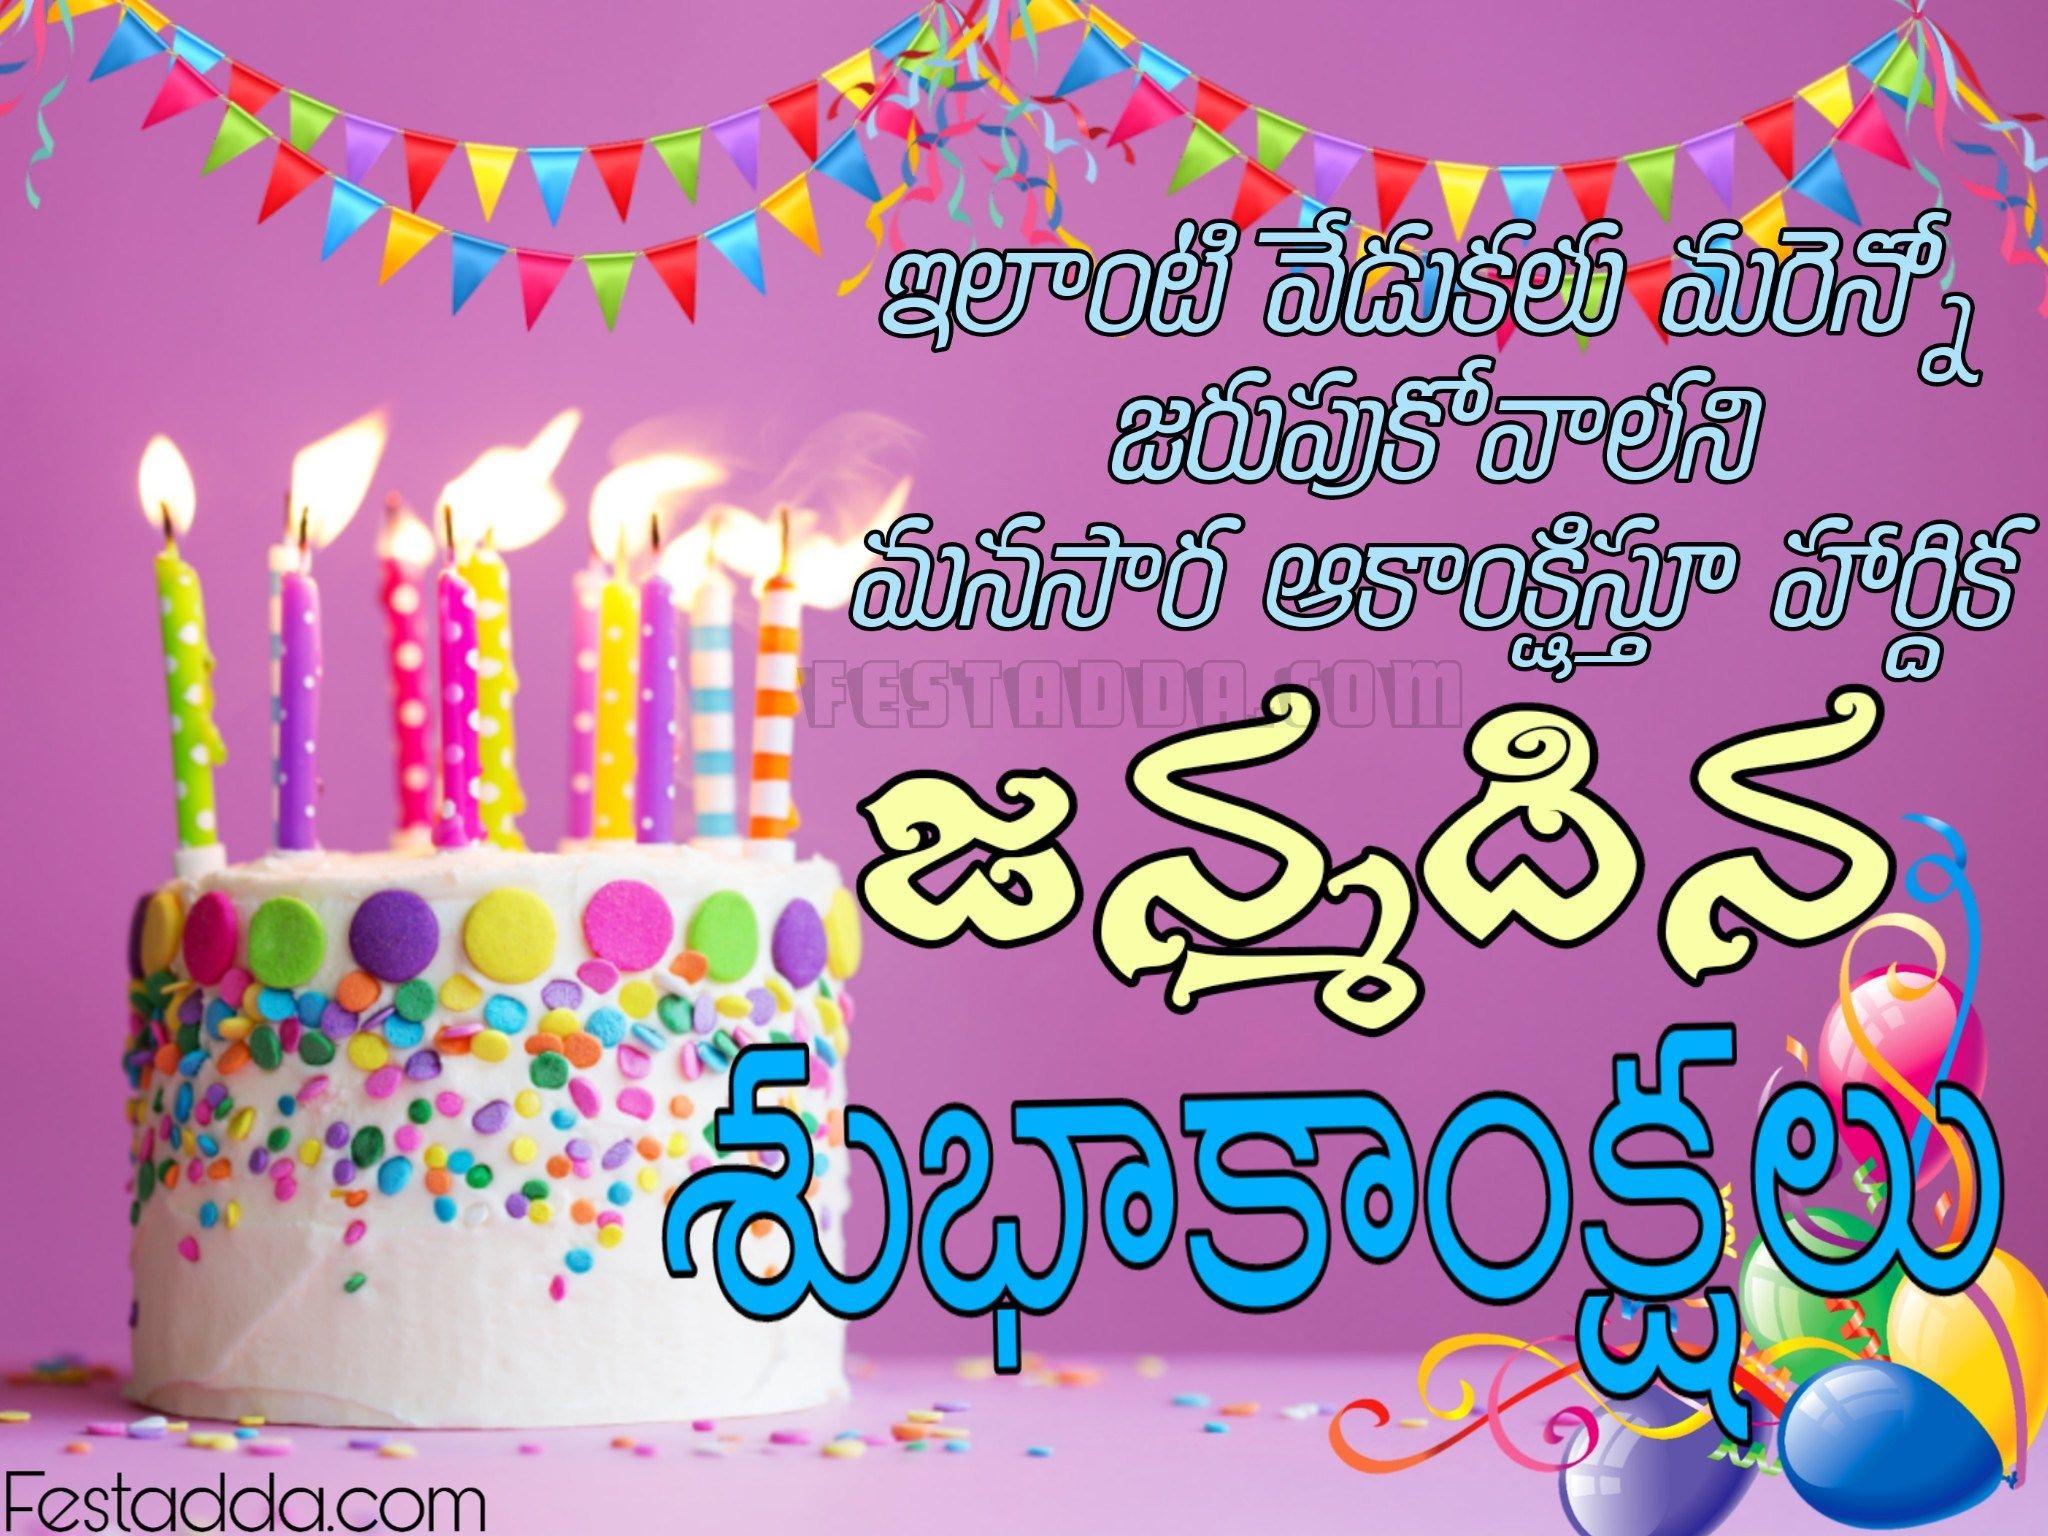 Happy Birthday Wishes In Telugu Font Janmadina Subakhanshalu With